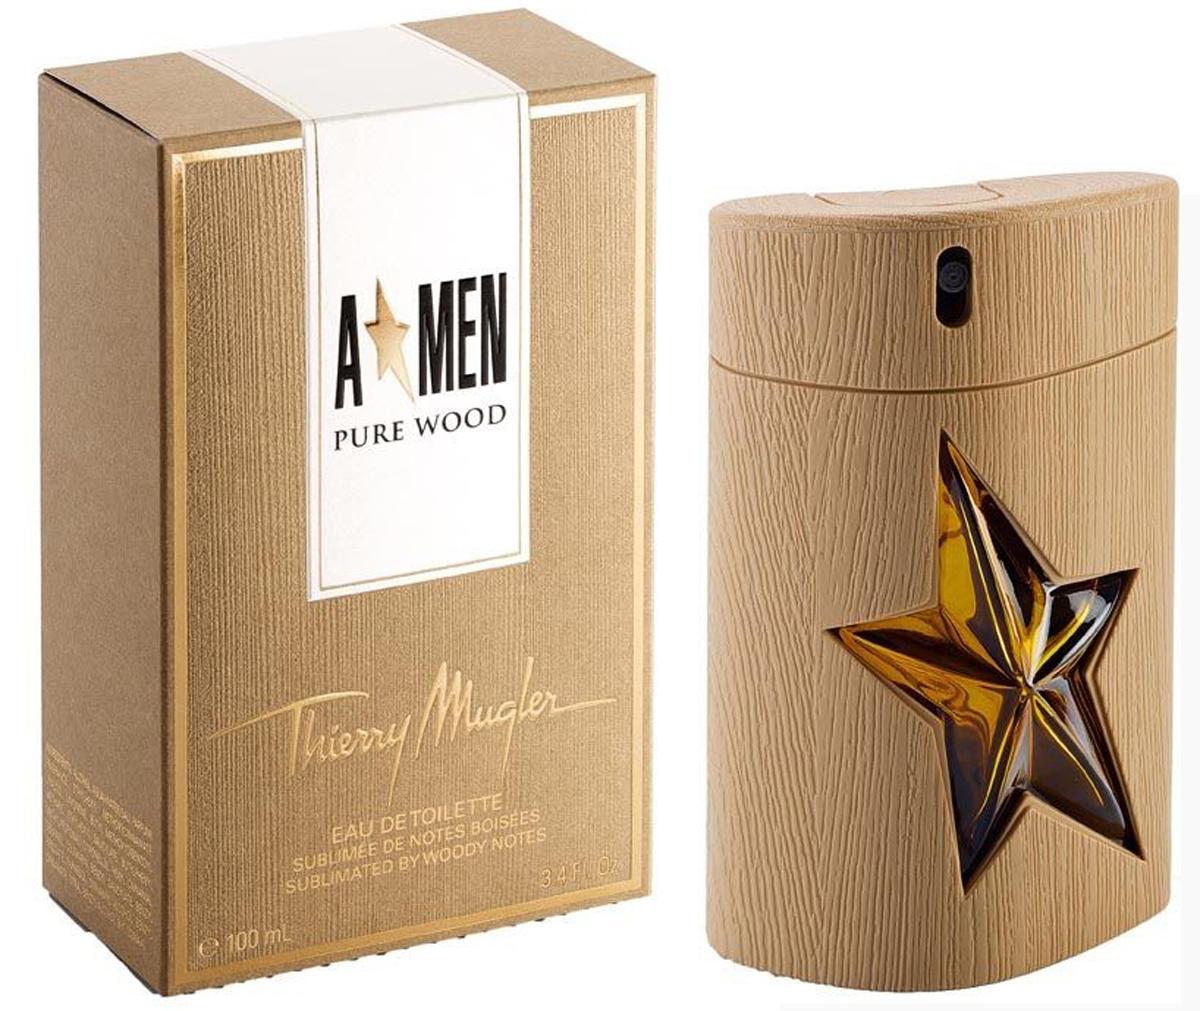 Thierry Mugler Туалетная вода A*Men Pure Wood, мужская, 100 мл13979Тип аромата: восточные, древесные. Начальная нота: дуб, кофе. Нота сердца: ваниль, пачули. Конечная нота: кипарис.